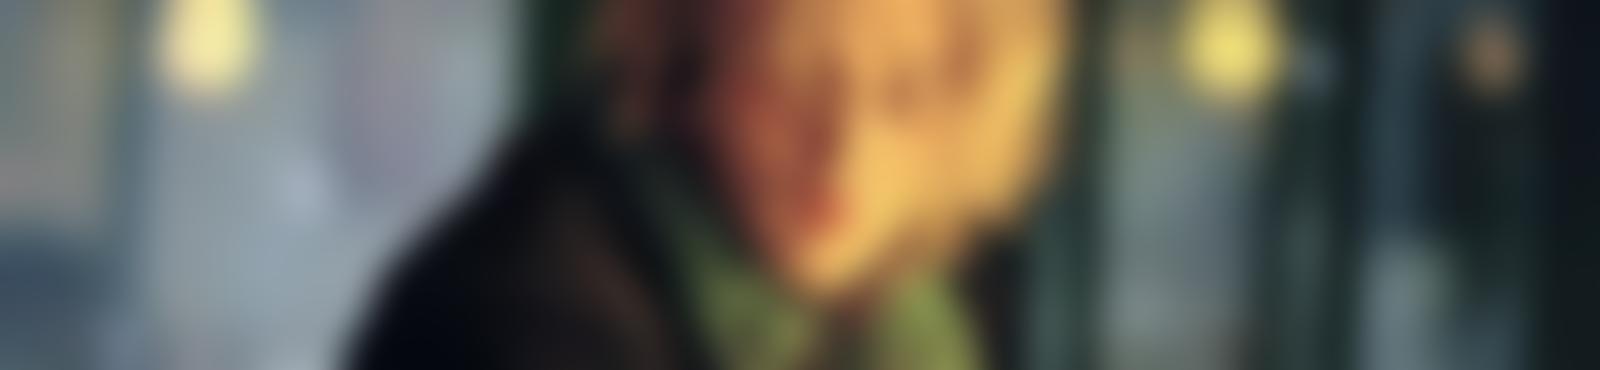 Blurred 1e322c62 a062 43d3 a802 4885b0c8a41e